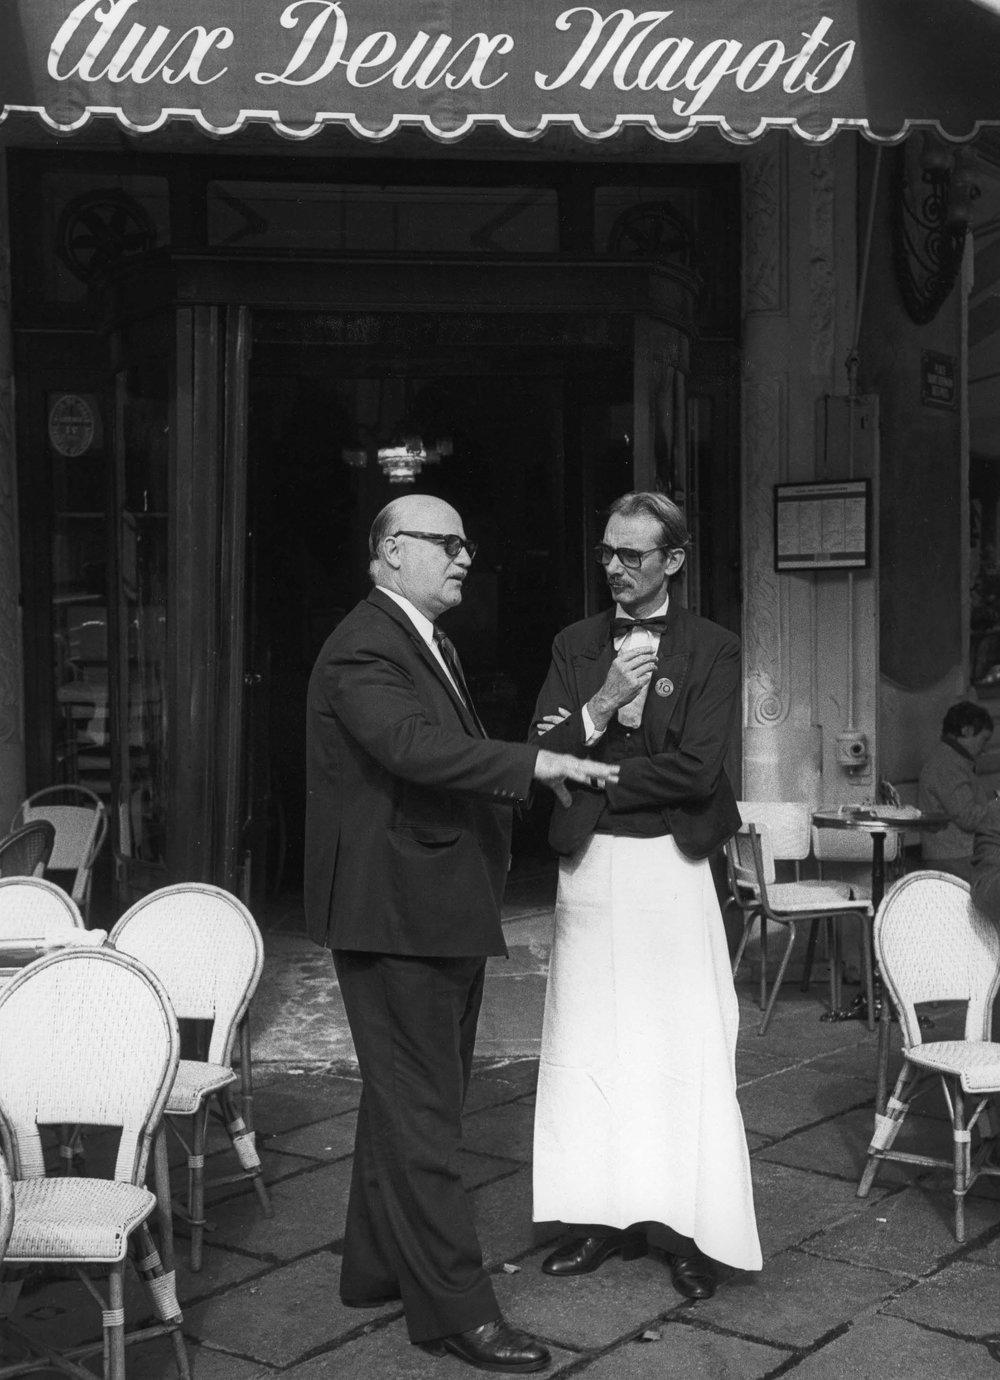 Aux Deux Magots, Paris 1980